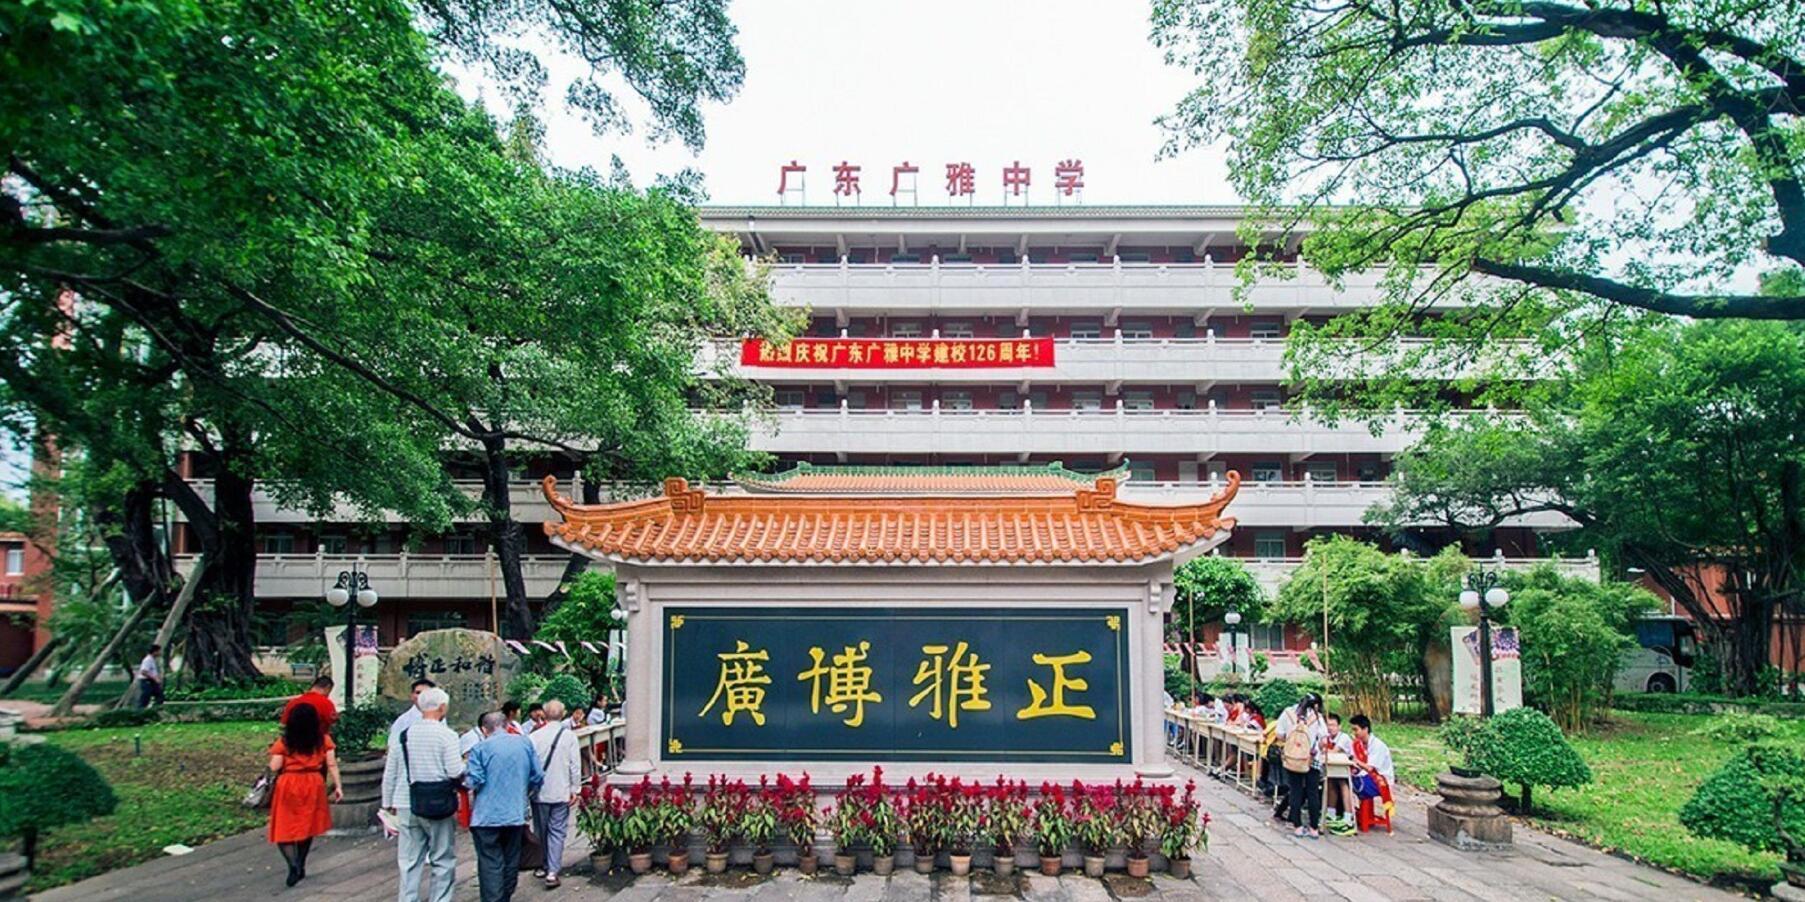 广州广雅中学图片